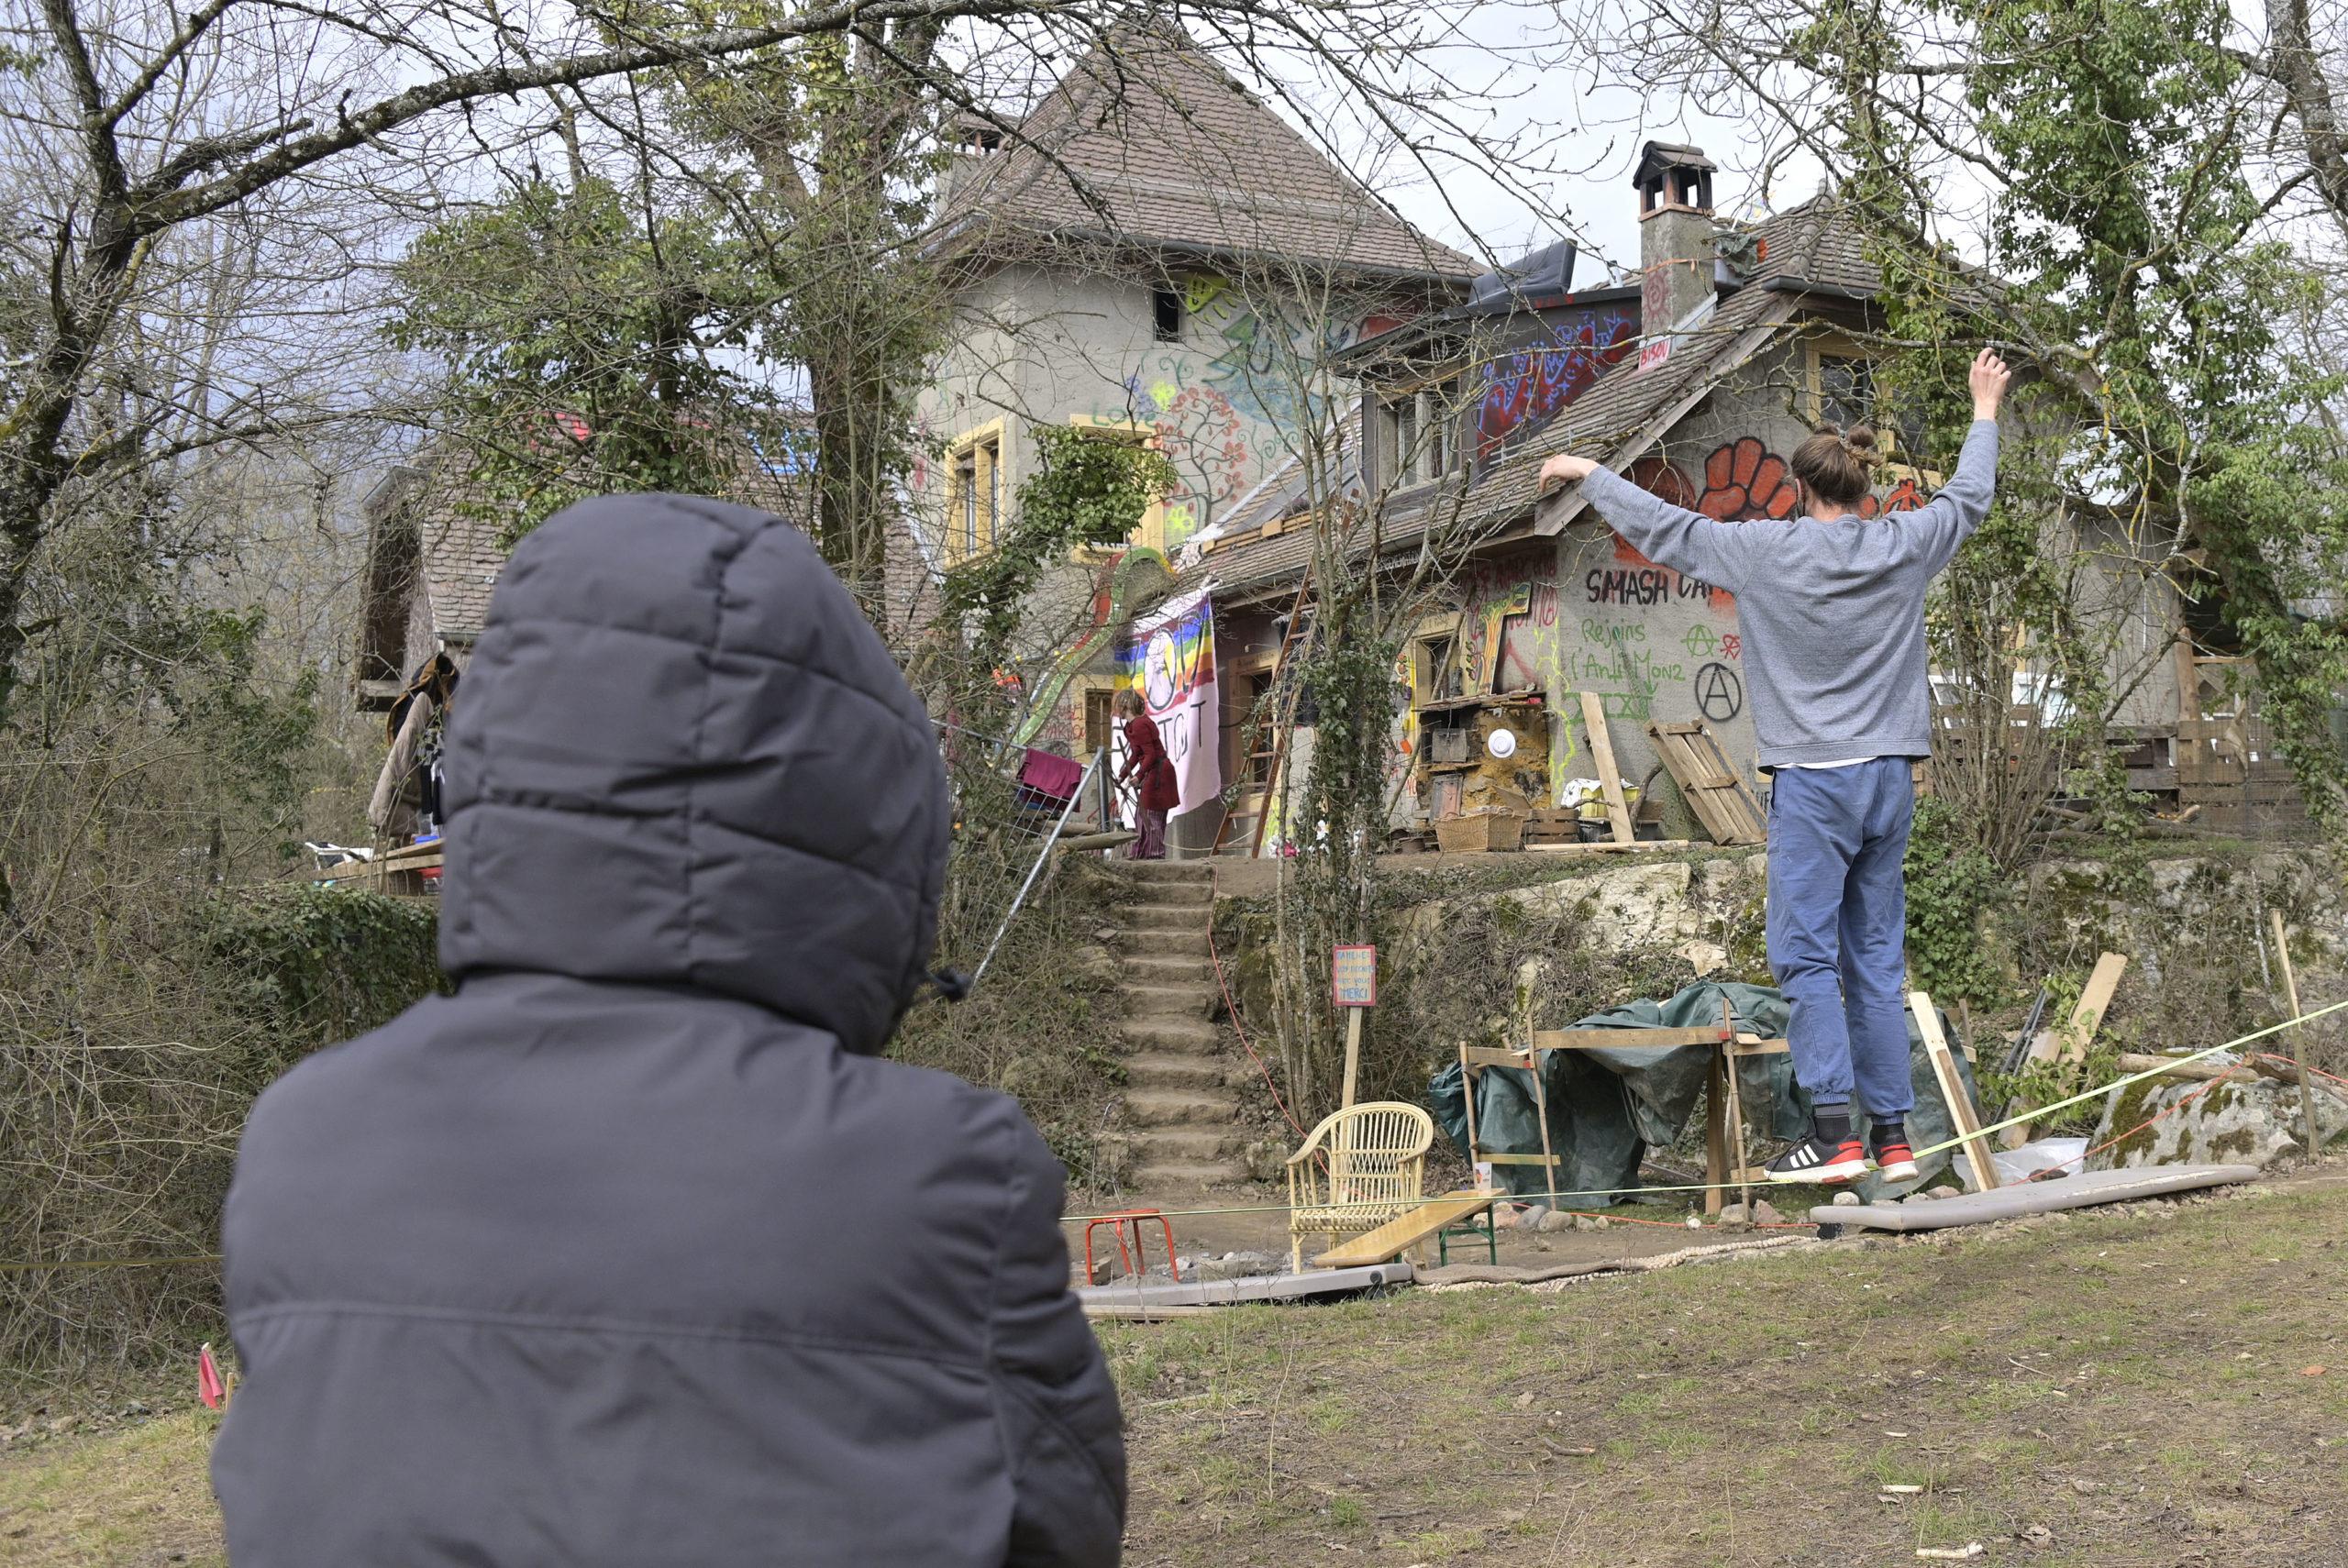 ZAD: Jacques Dubochet appelle à une évacuation pacifiste